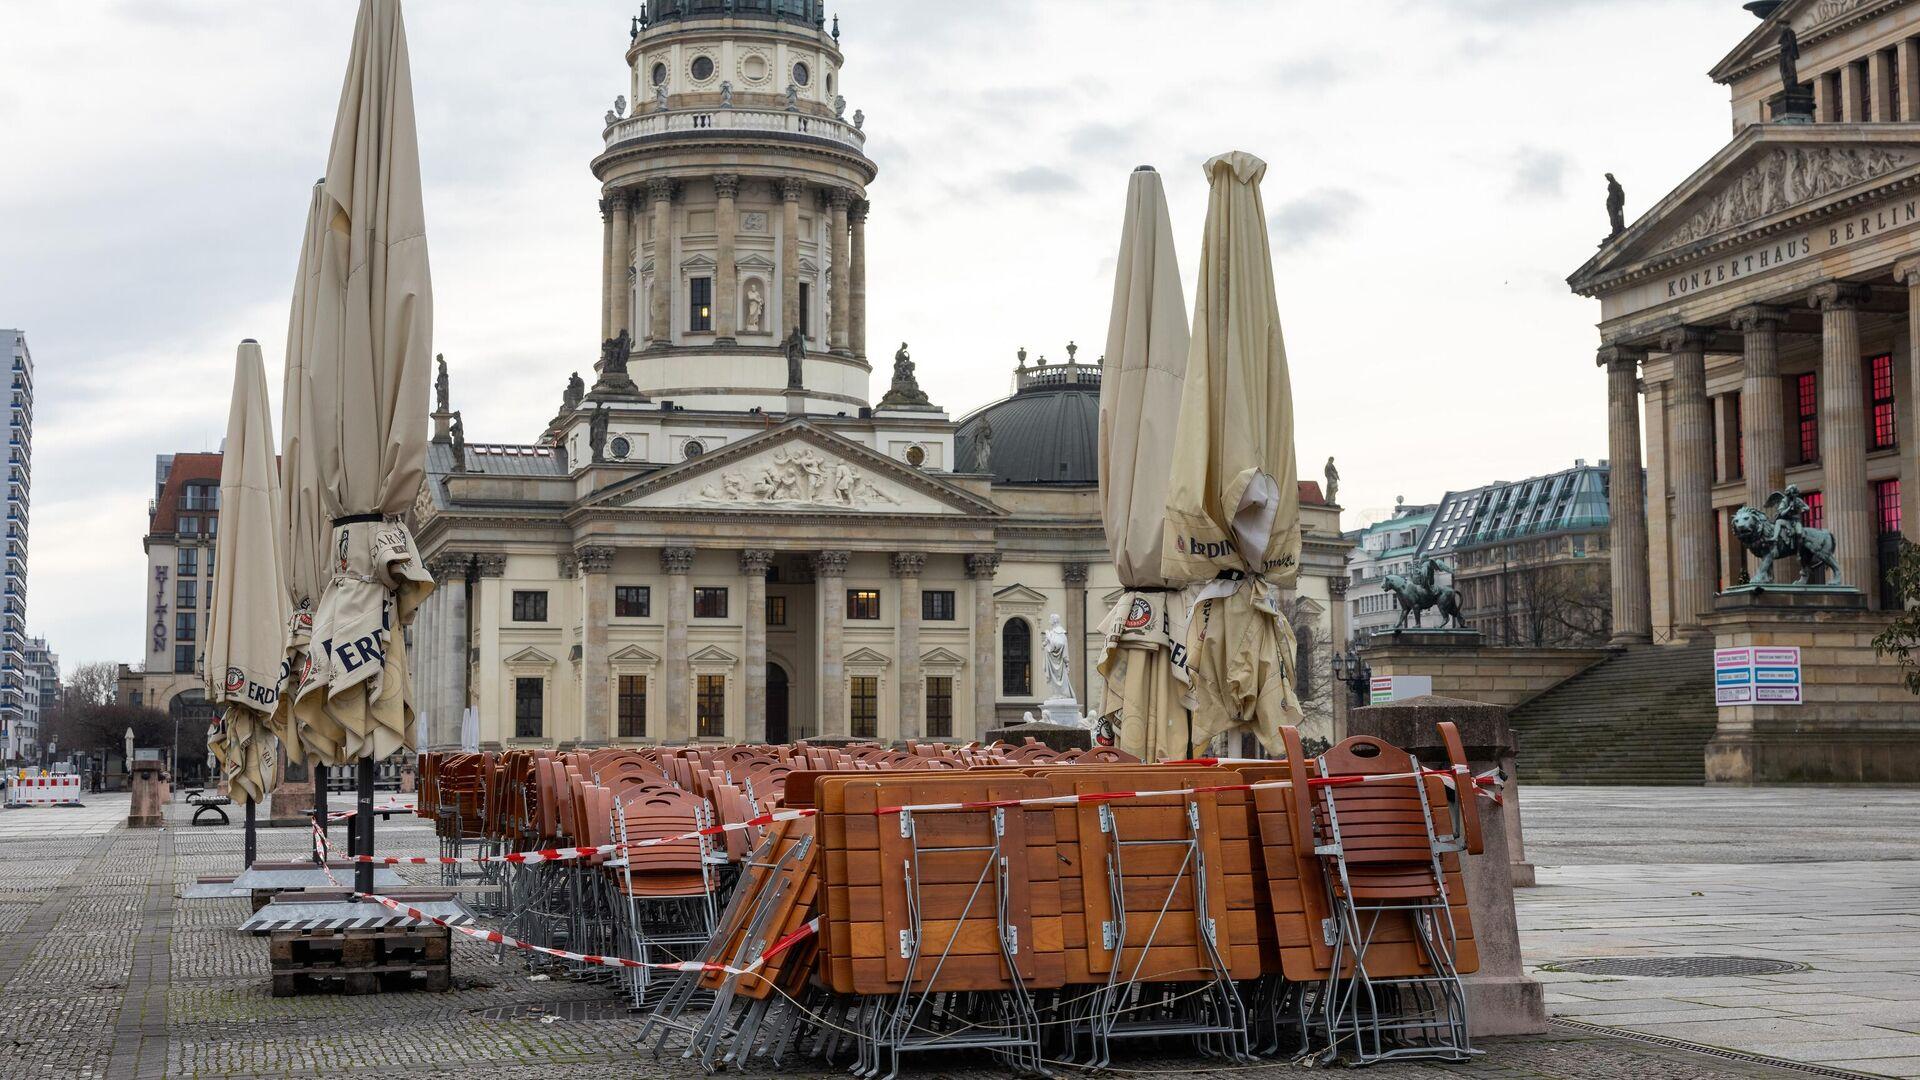 Столы и стулья возле кафе на площади Жандарменмаркт в Берлине - РИА Новости, 1920, 08.05.2021